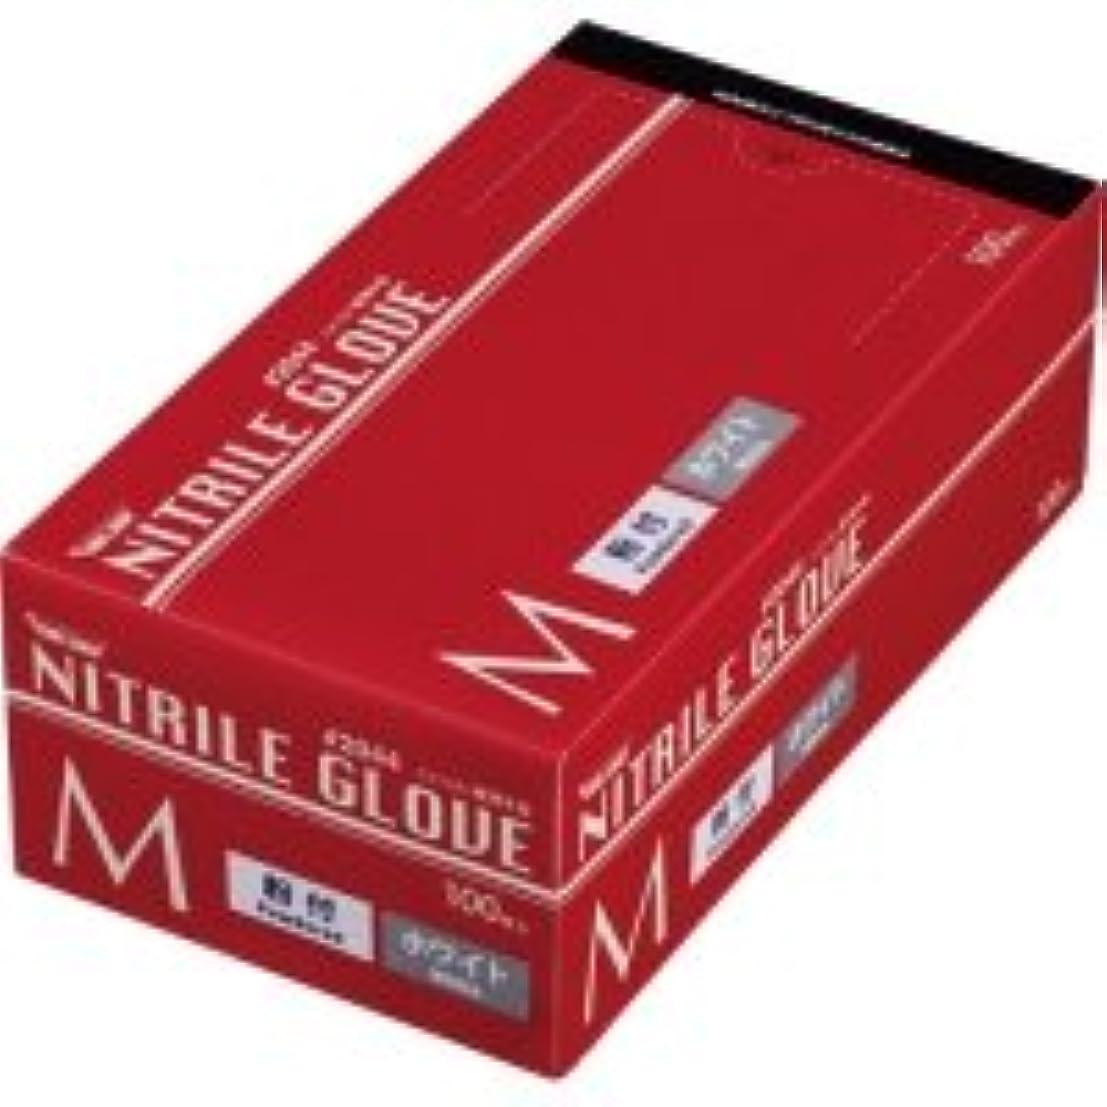 ながら排除する不完全な川西工業 ニトリル 使いきり極薄手袋 粉付 ホワイト M 1箱(100枚)